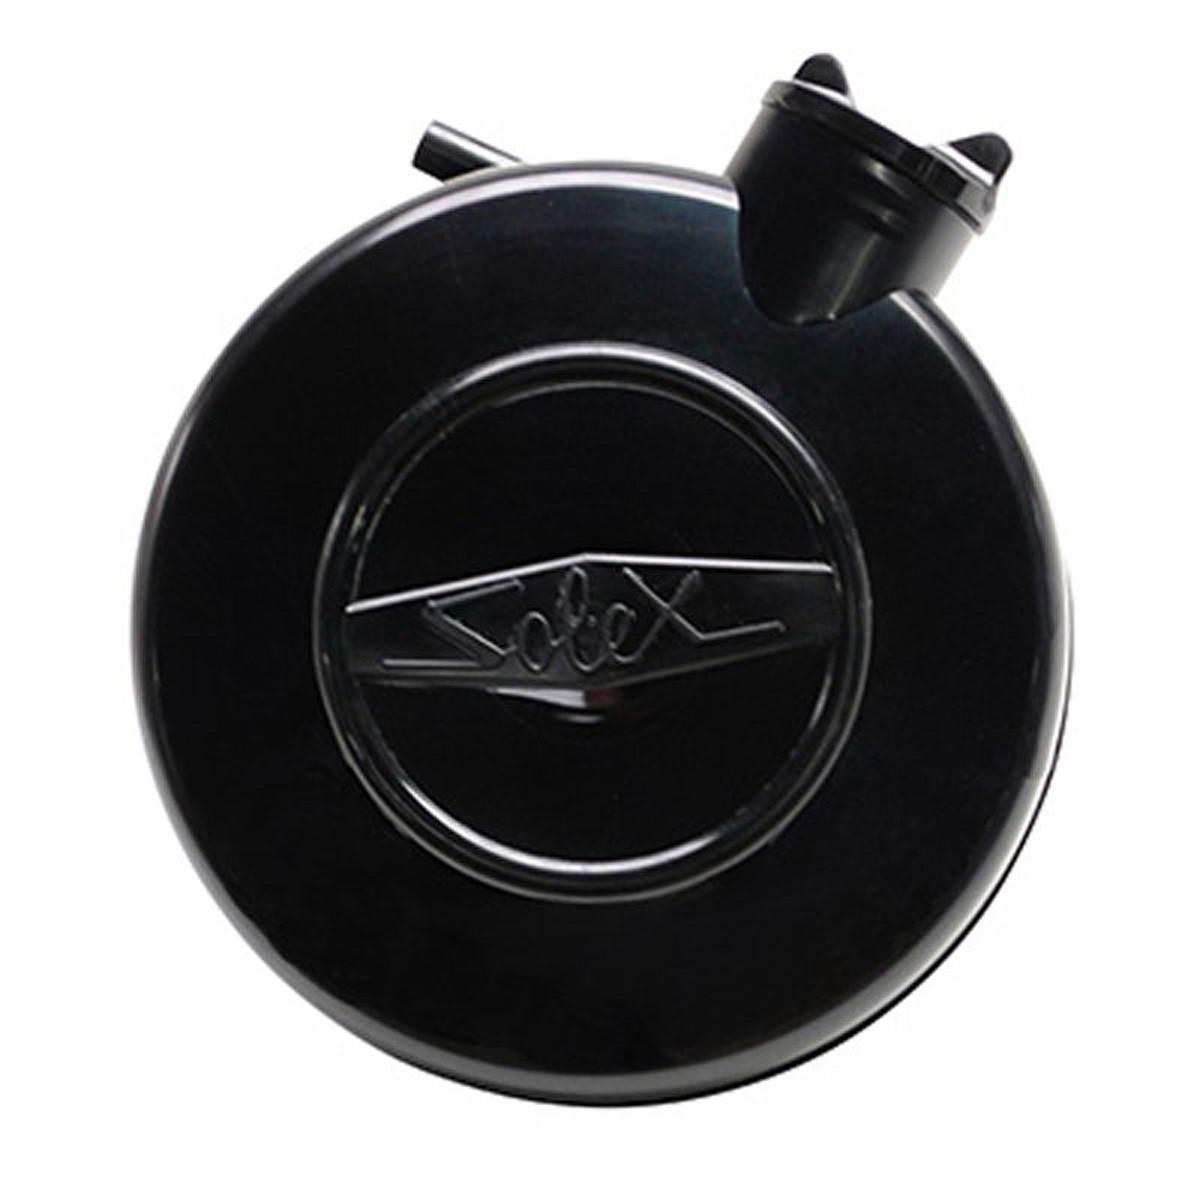 Réservoir d'essence SOLEX - NOIR